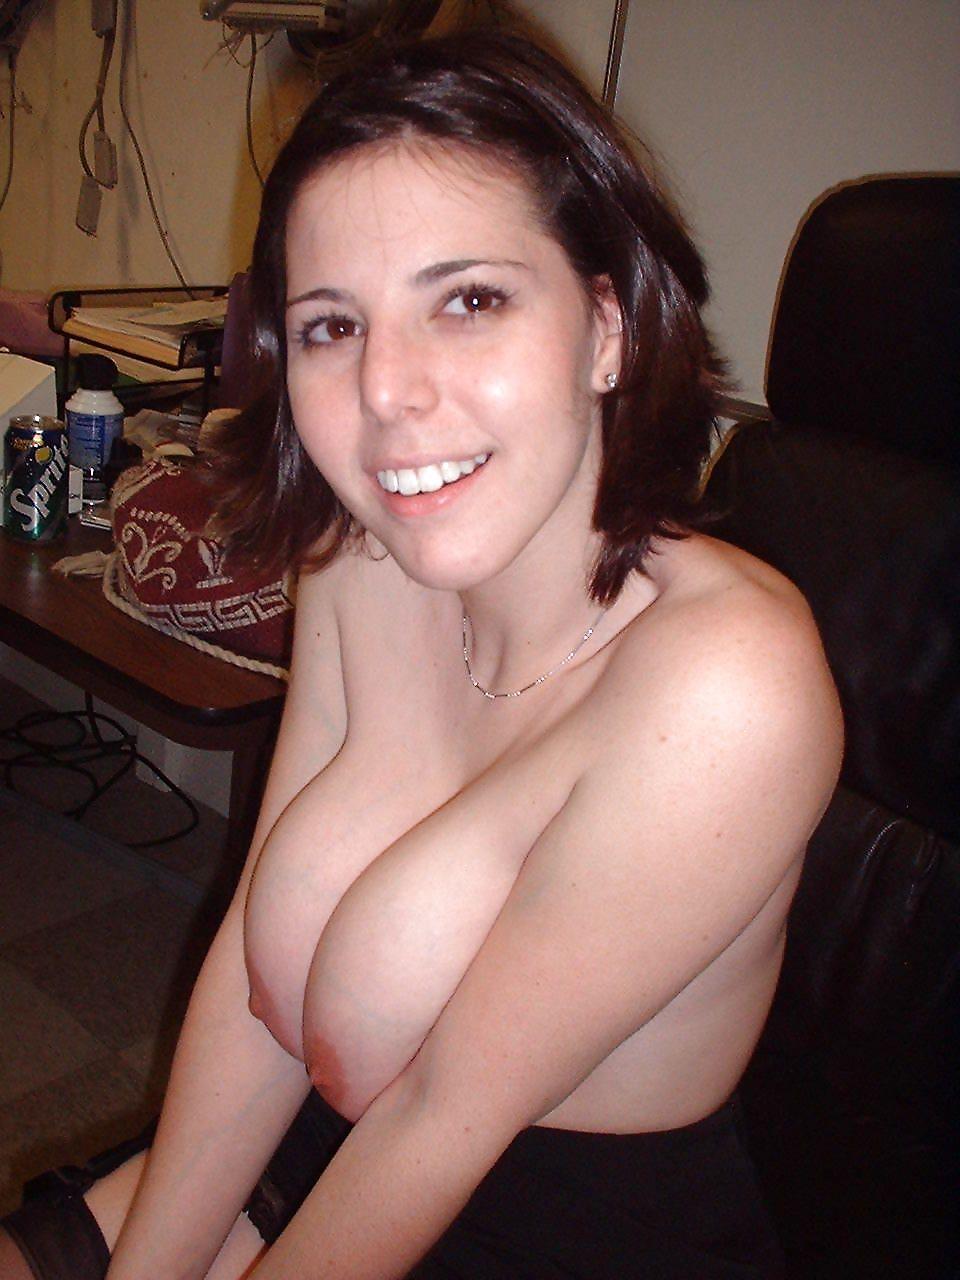 Молодая девушка дрочит член парня сиськами после минета секс фото и порно фото